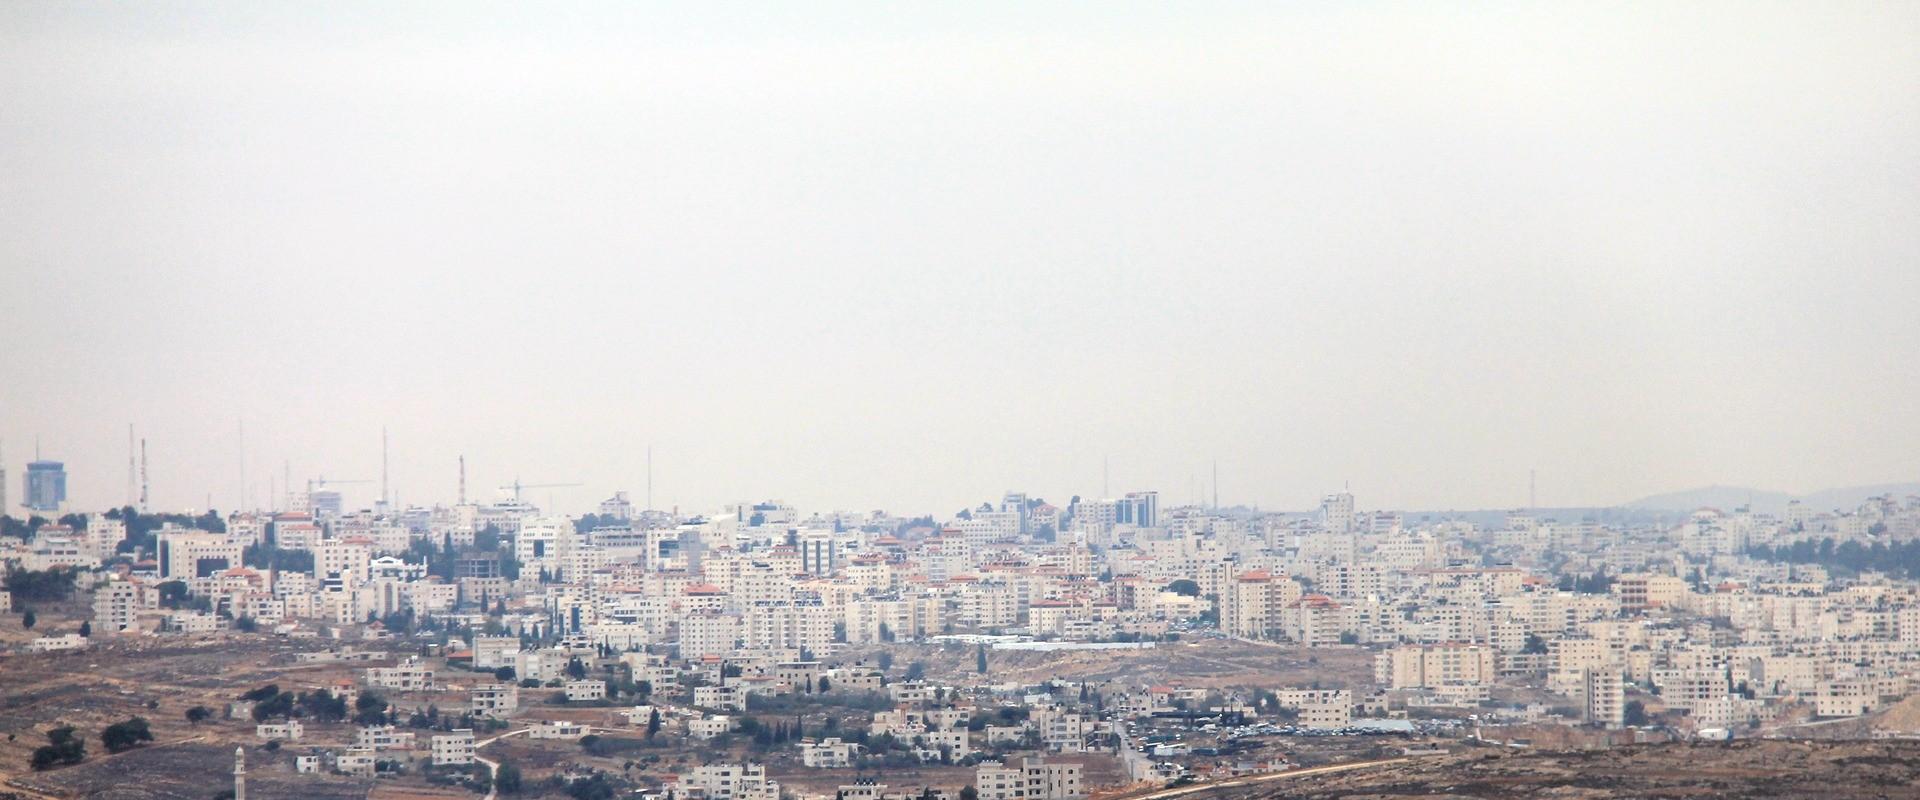 Ramallah Tour | Visit Ramallah | Holy Land VIP Tours